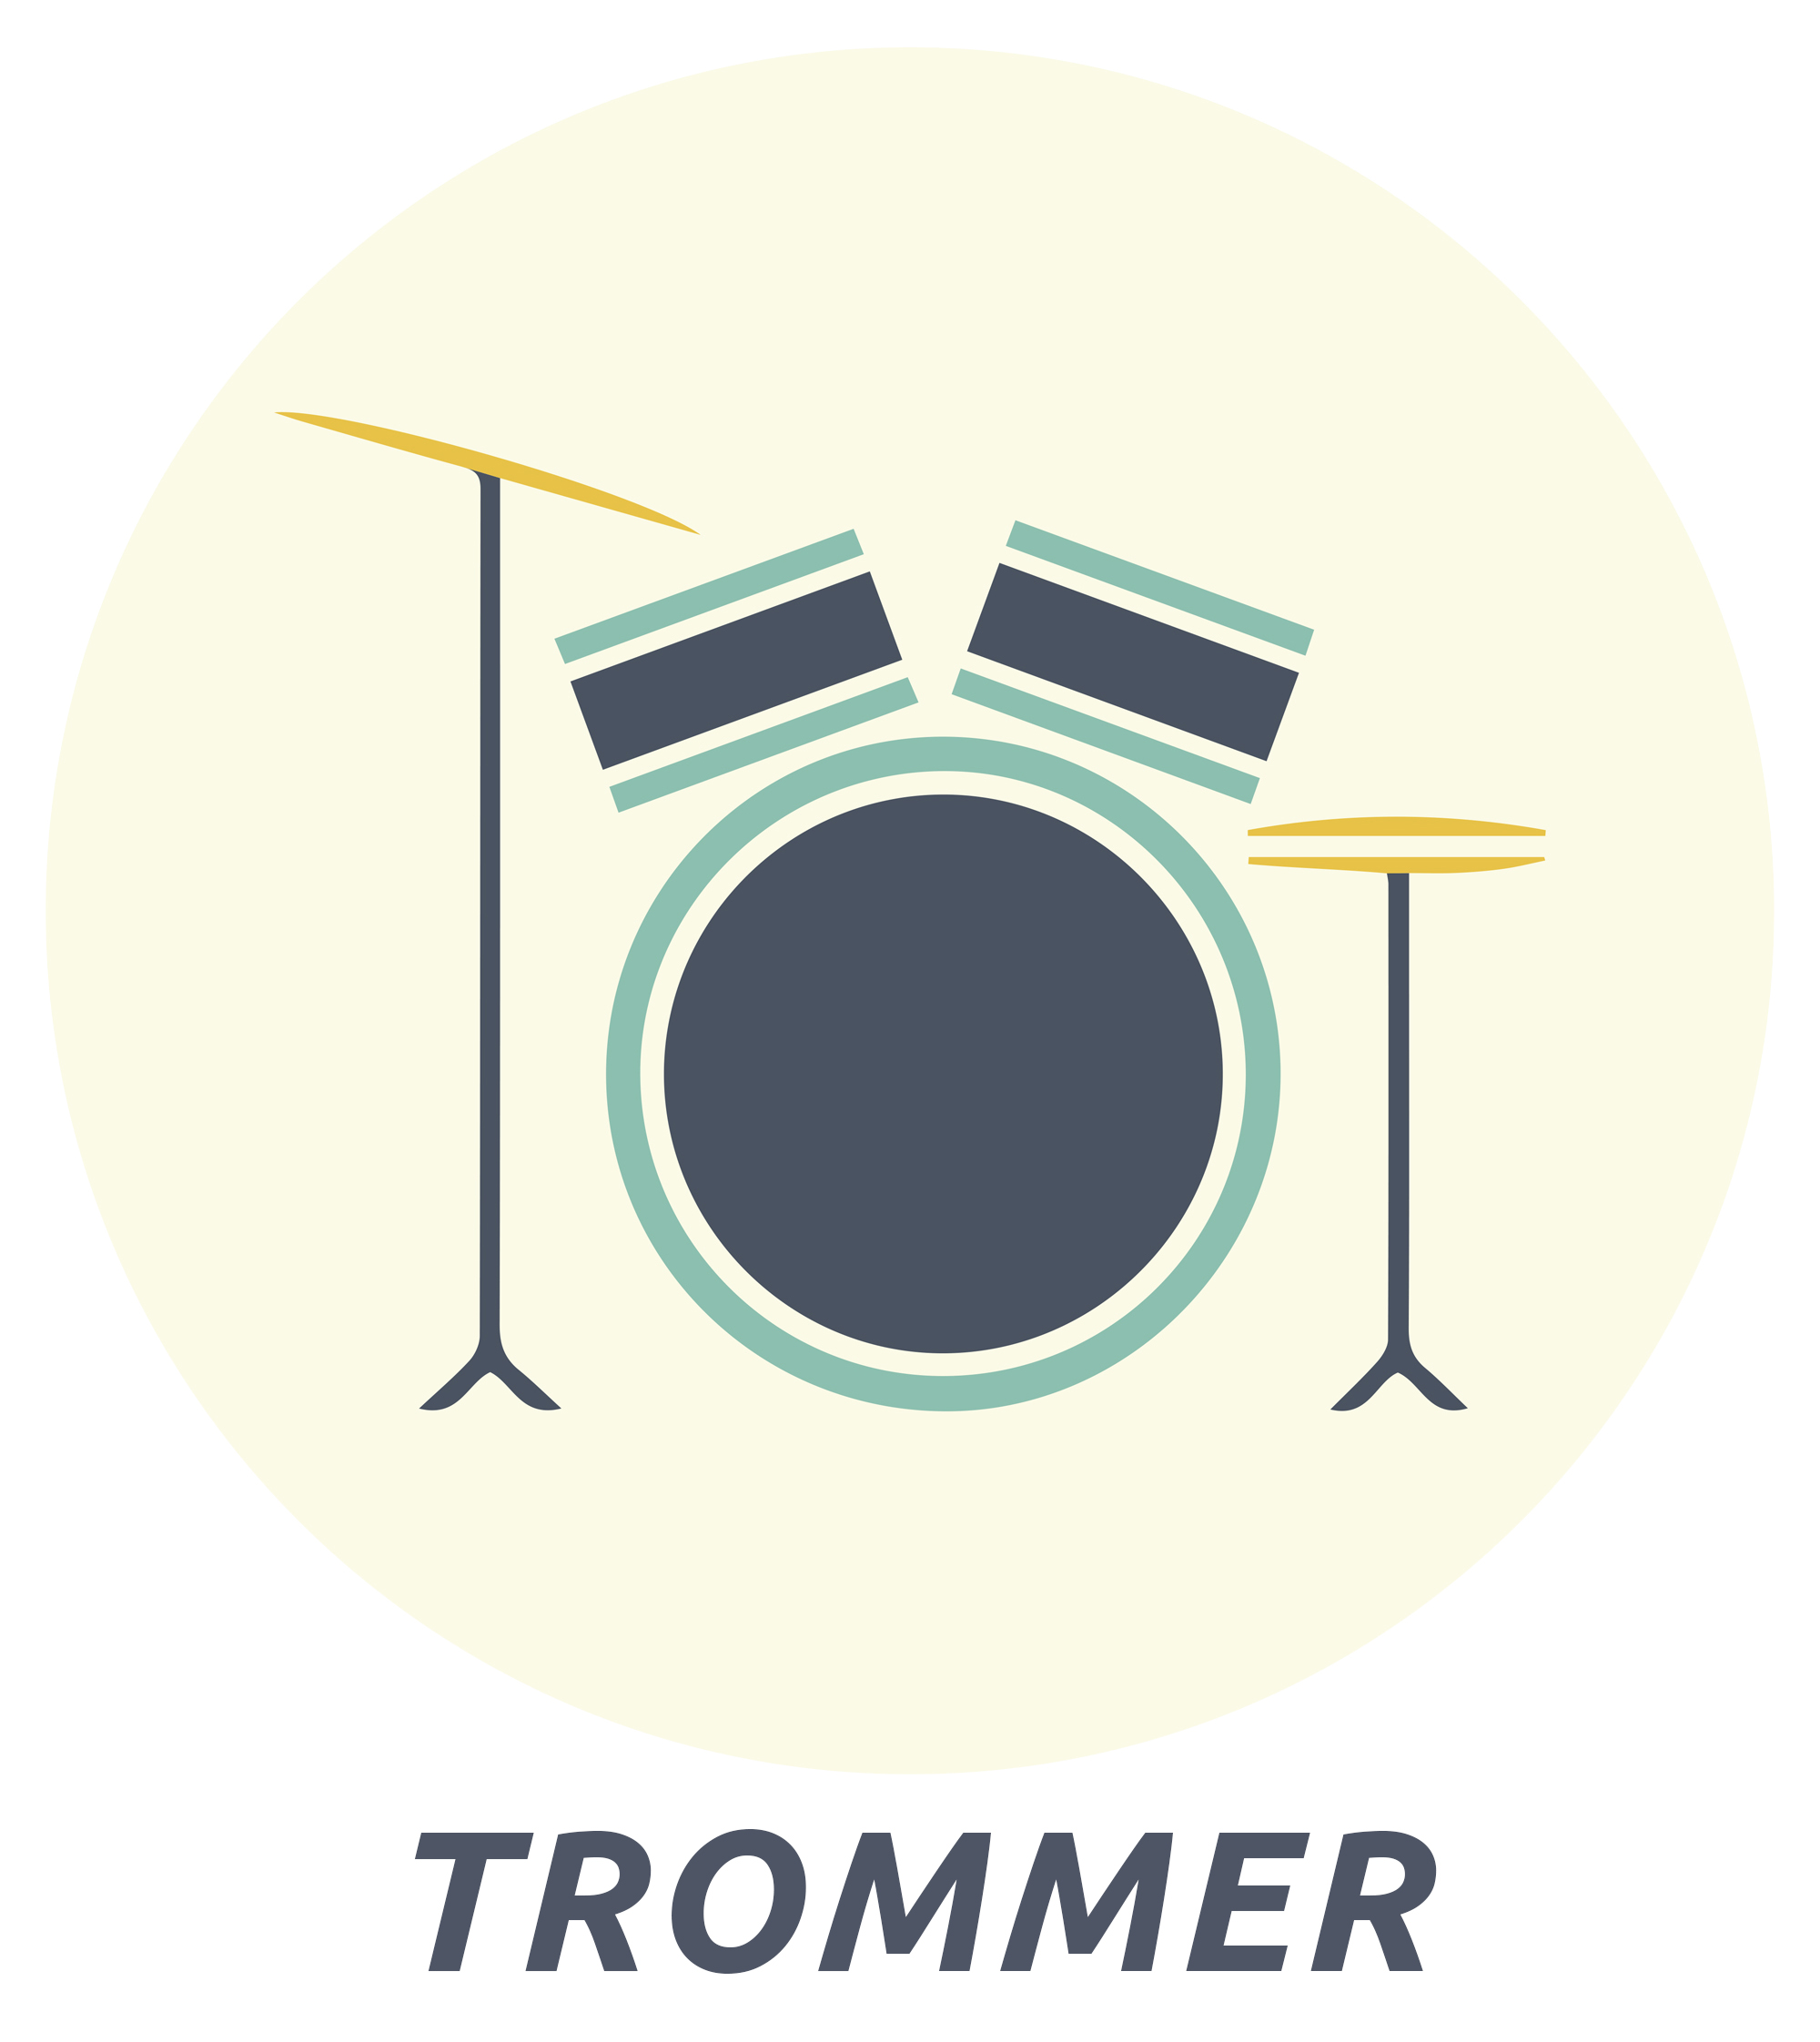 Trommer